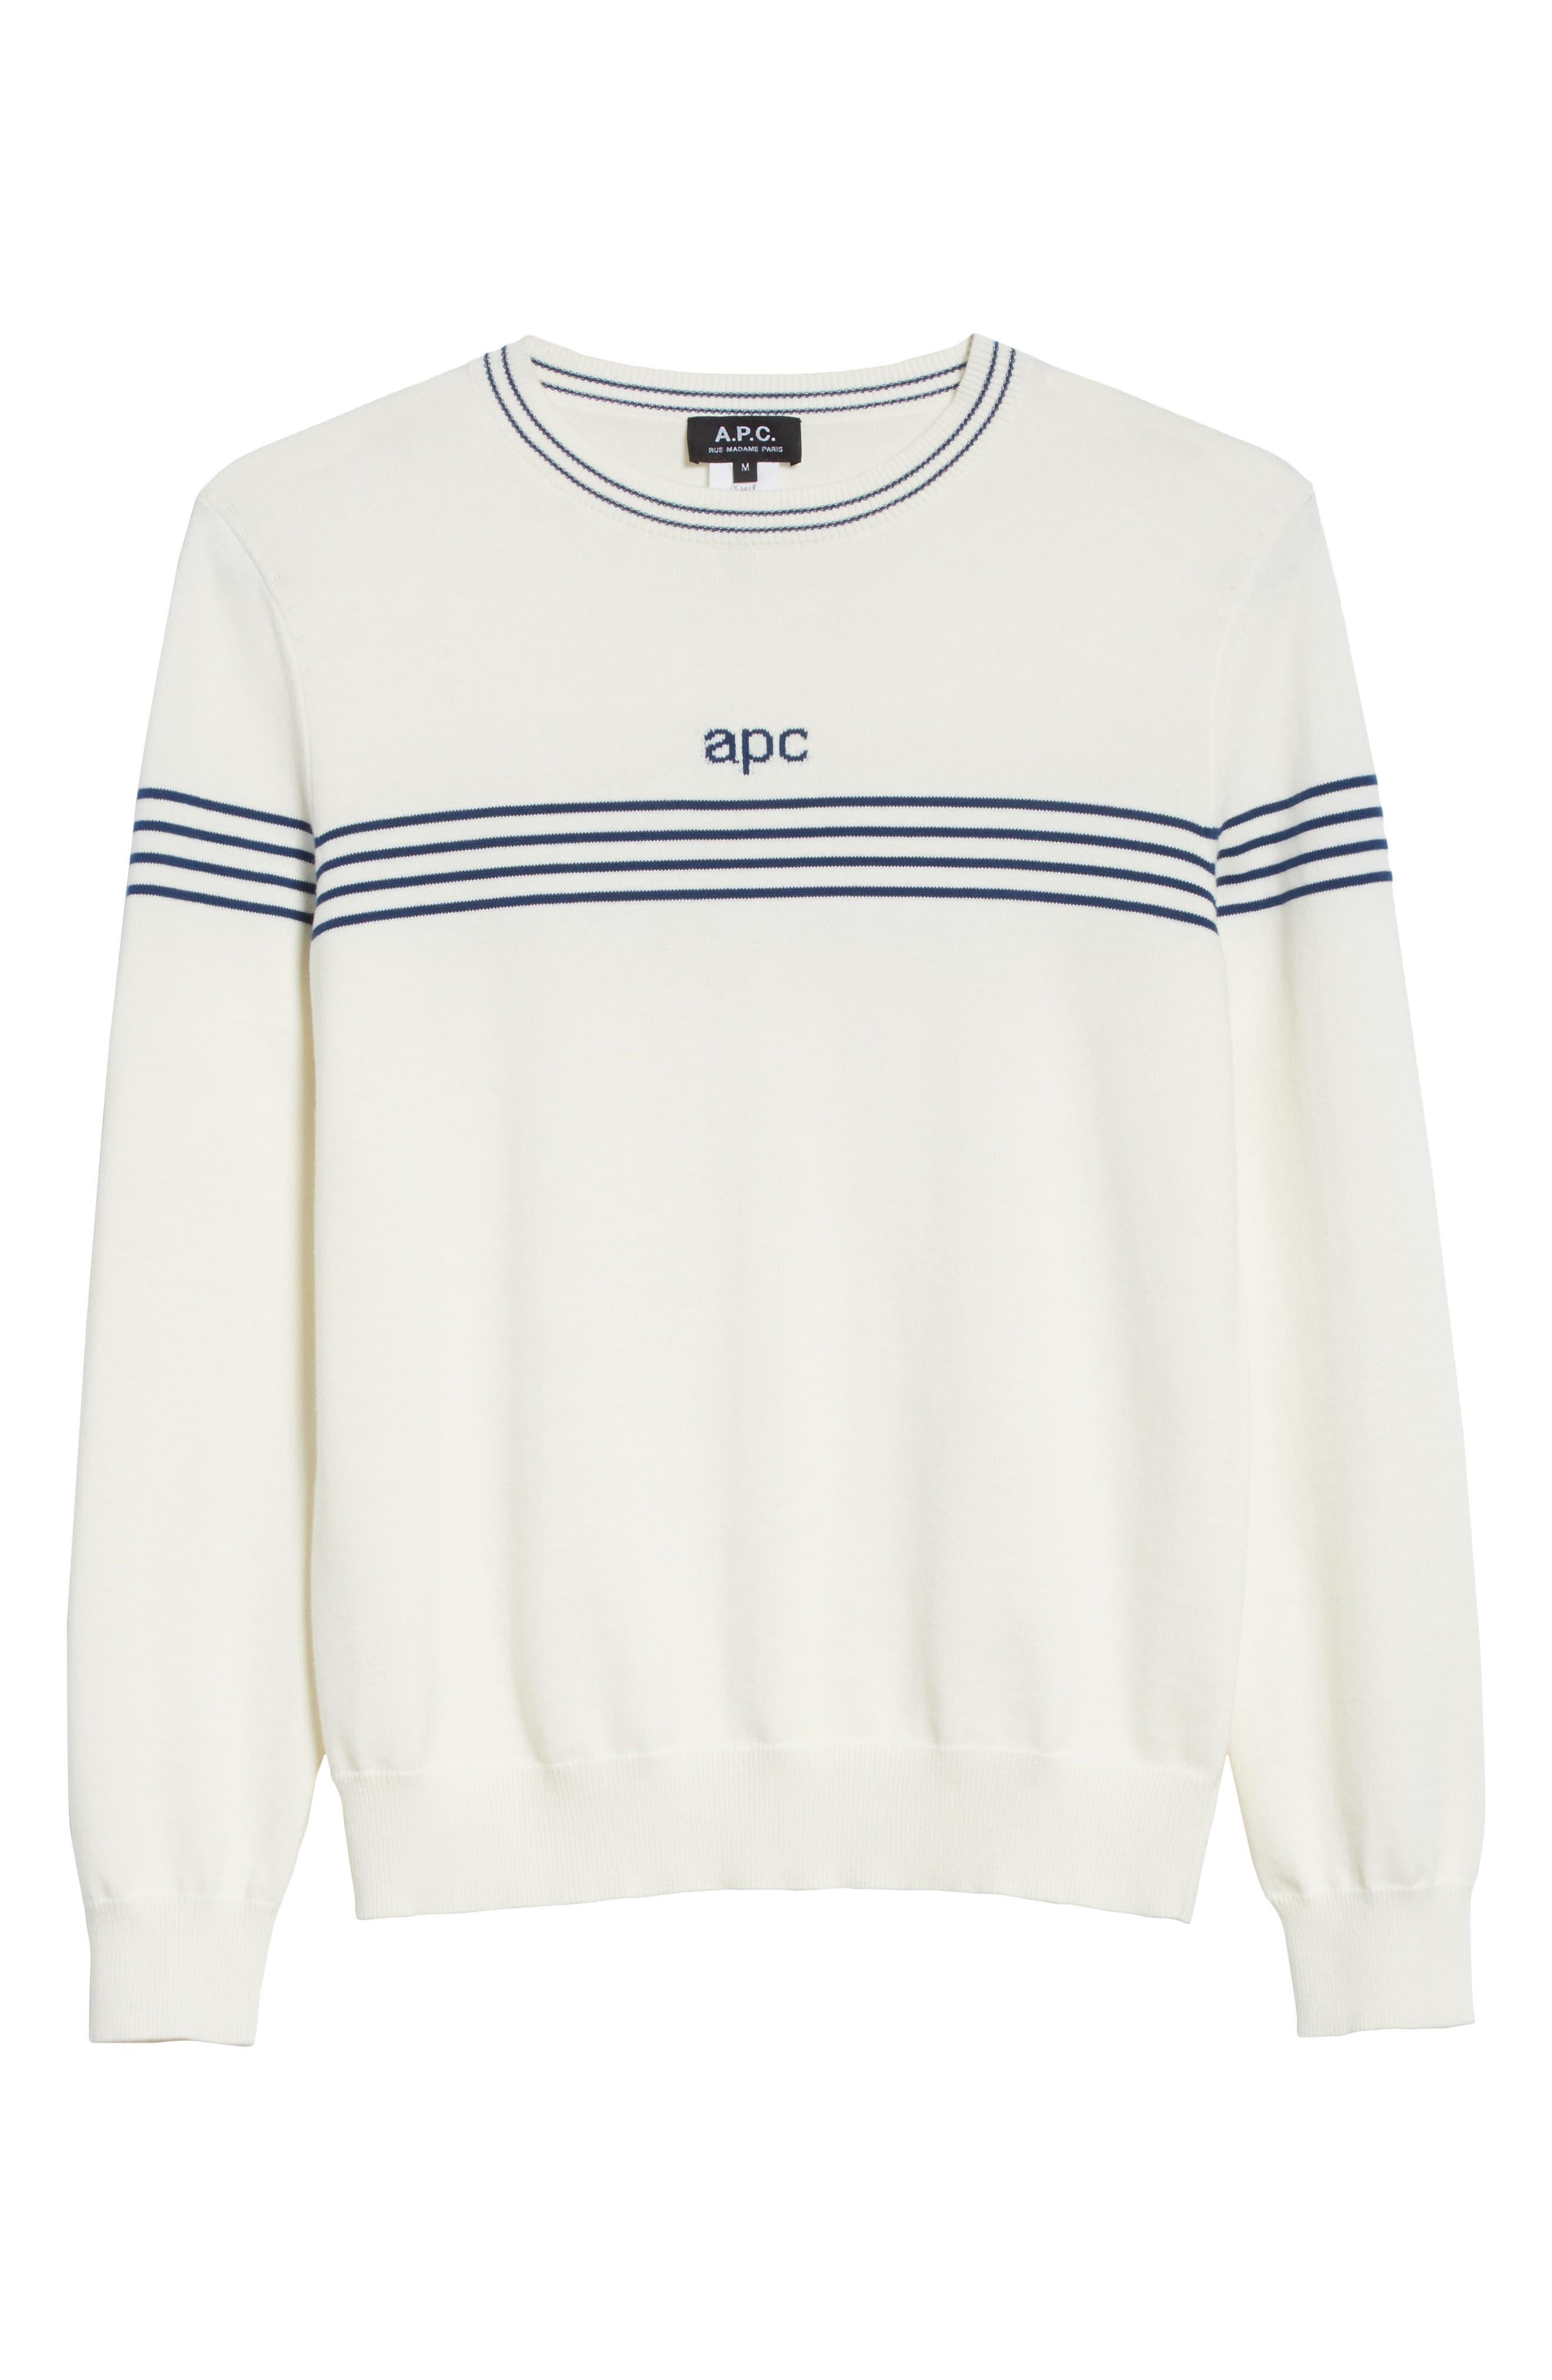 Logo Cotton & Cashmere Crewneck Sweater,                             Alternate thumbnail 6, color,                             111